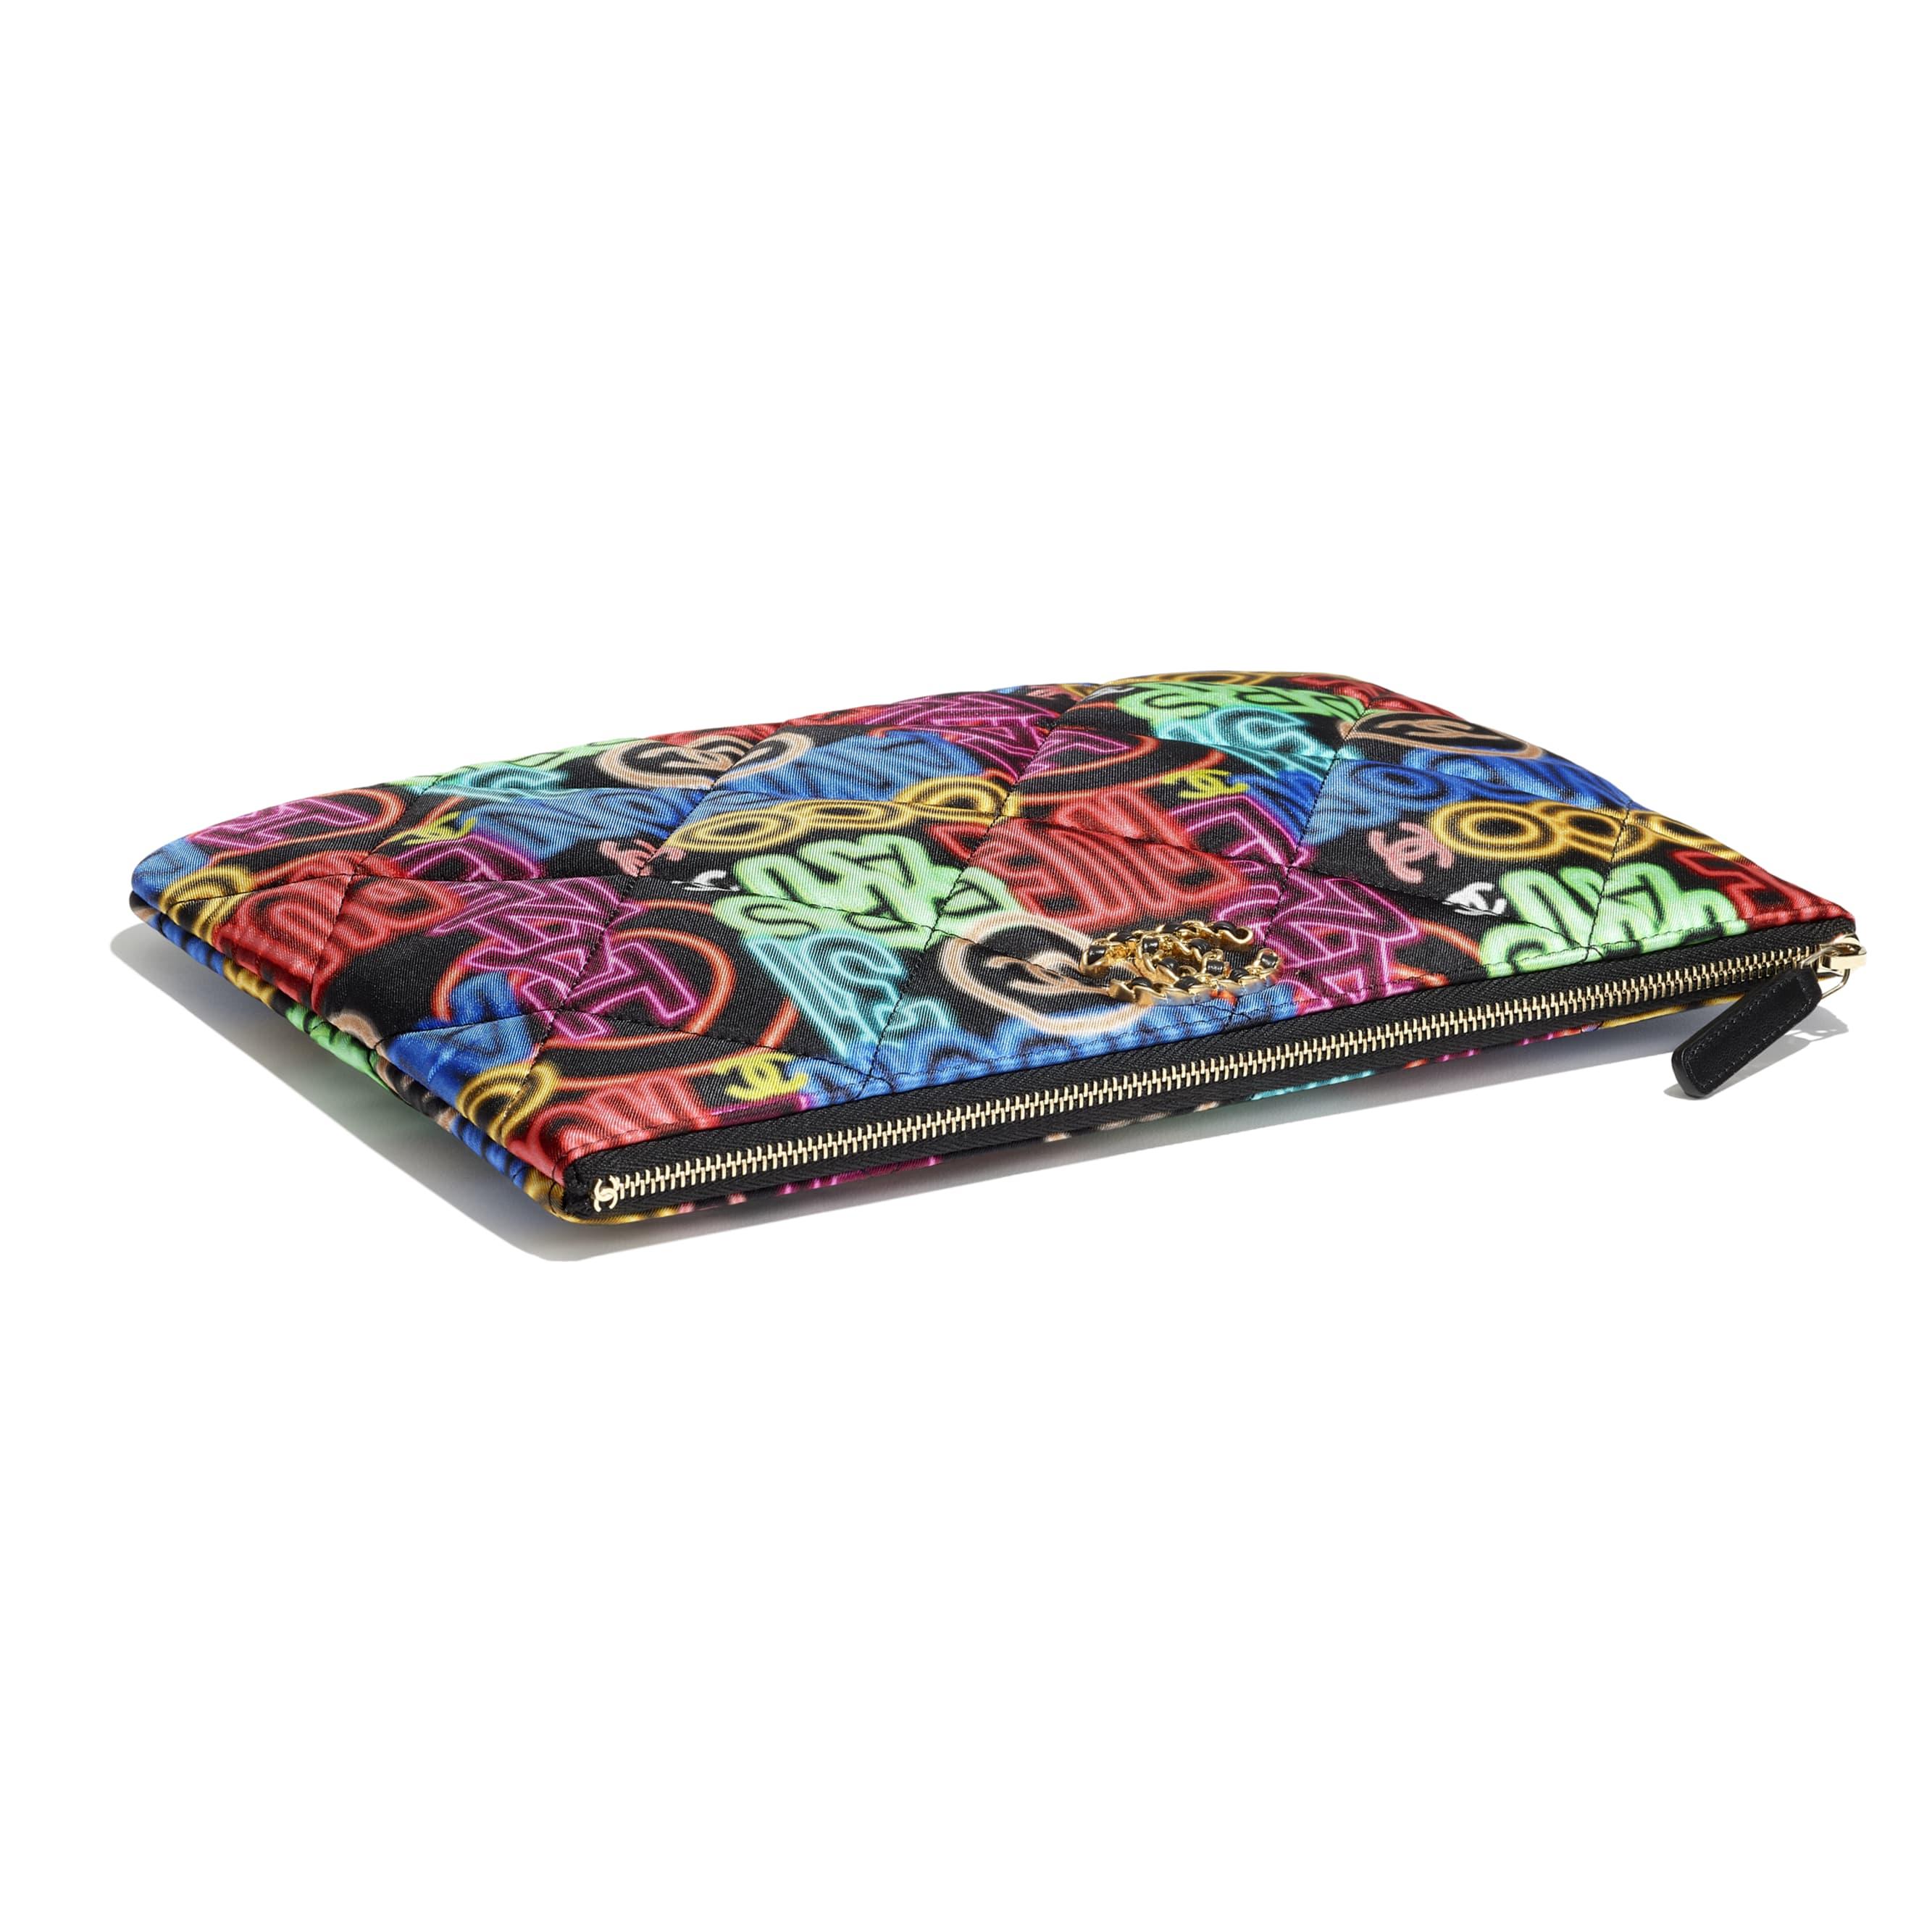 Case CHANEL 19 - Preto & Multicolorido - Printed Fabric, Gold-Tone, Silver-Tone & Ruthenium-Finish Metal - CHANEL - Outra vista - ver a versão em tamanho standard